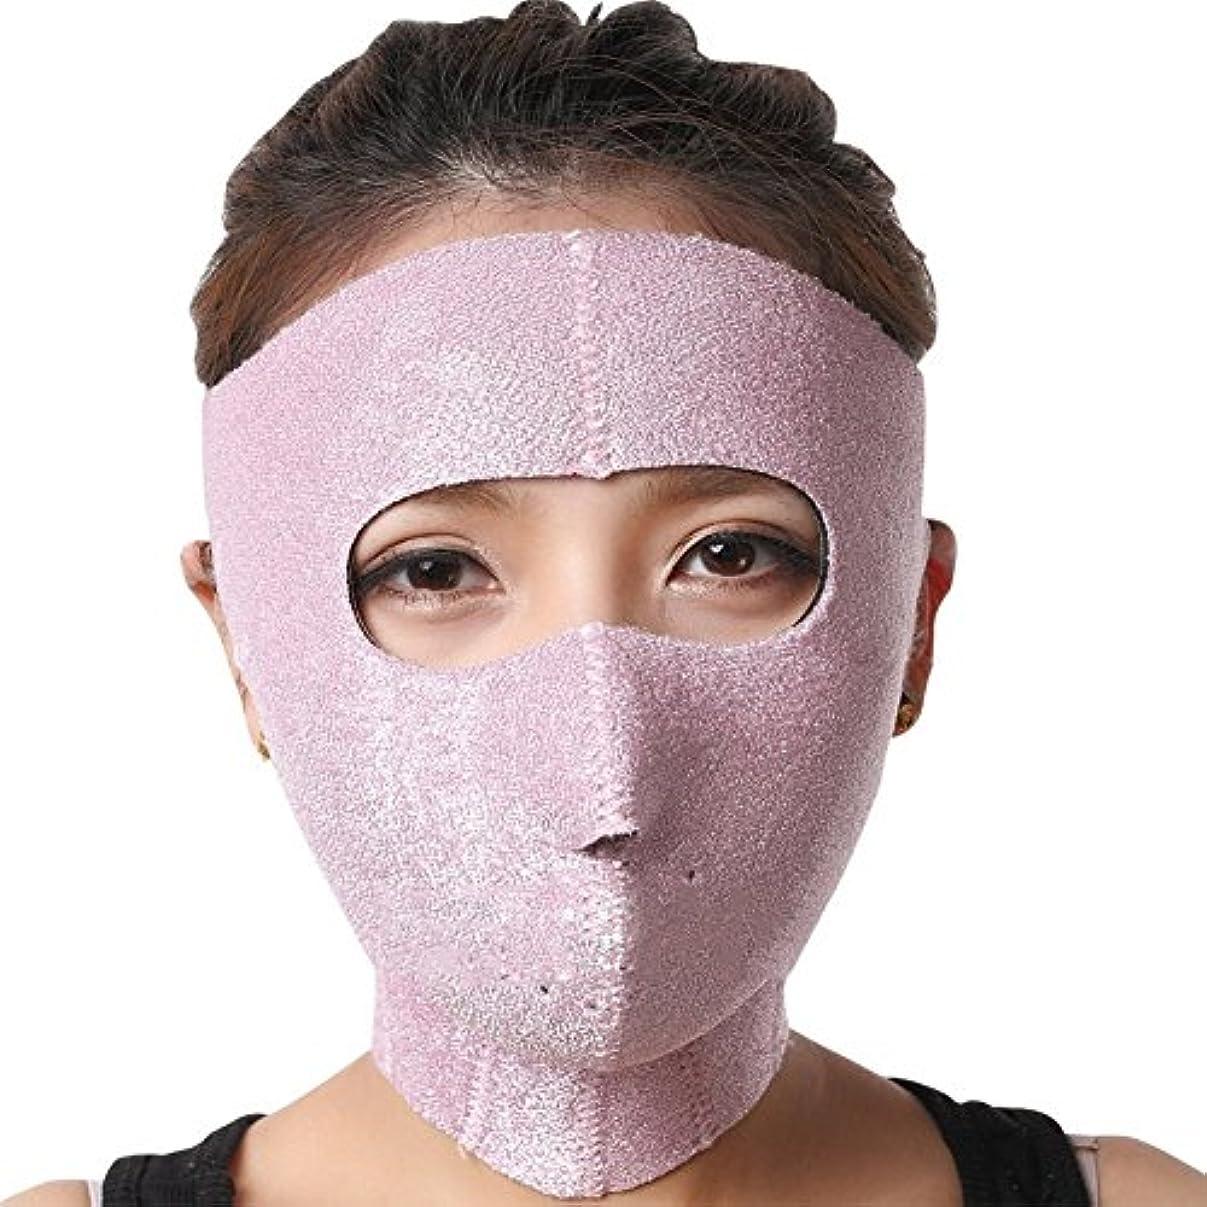 ラボ側ゲート汗だくマスク 小顔 サウナ マスク 汗 発汗 フェイス 顔 TEC-KONARUD